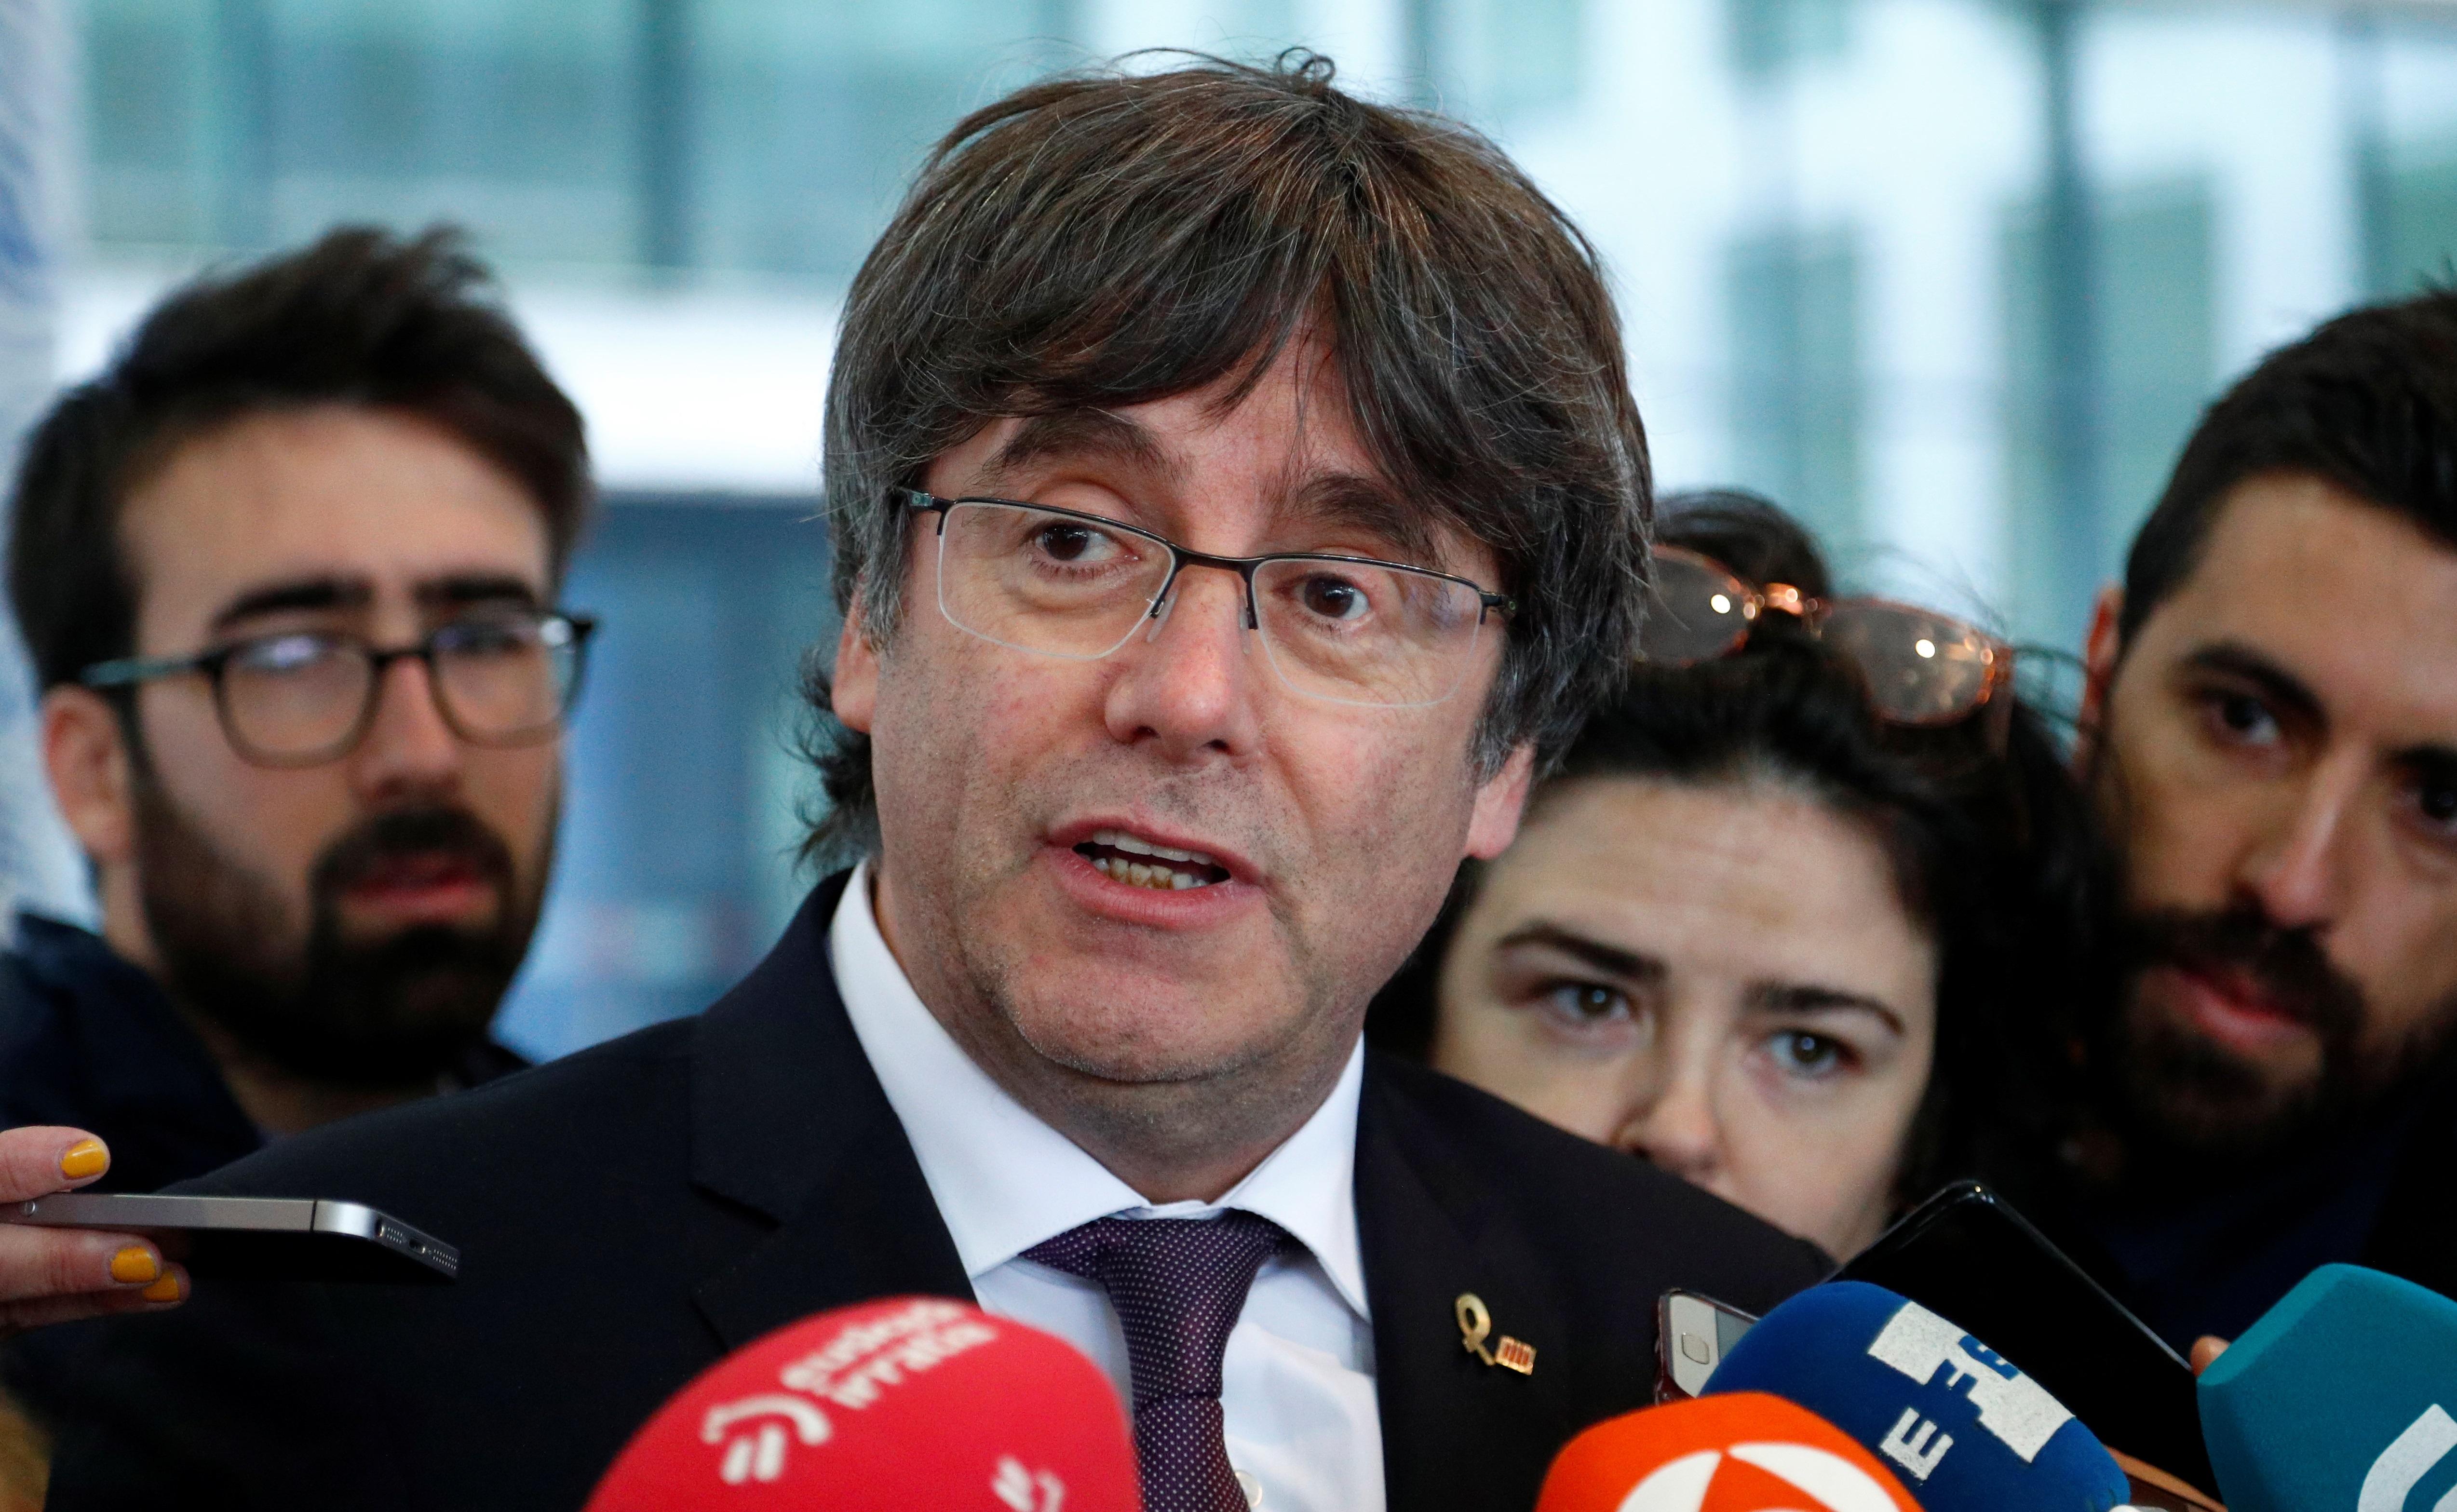 Ισπανία: Συνελήφθη ο Κάρλες Πουτζδεμόν της Καταλονίας στην Ιταλία